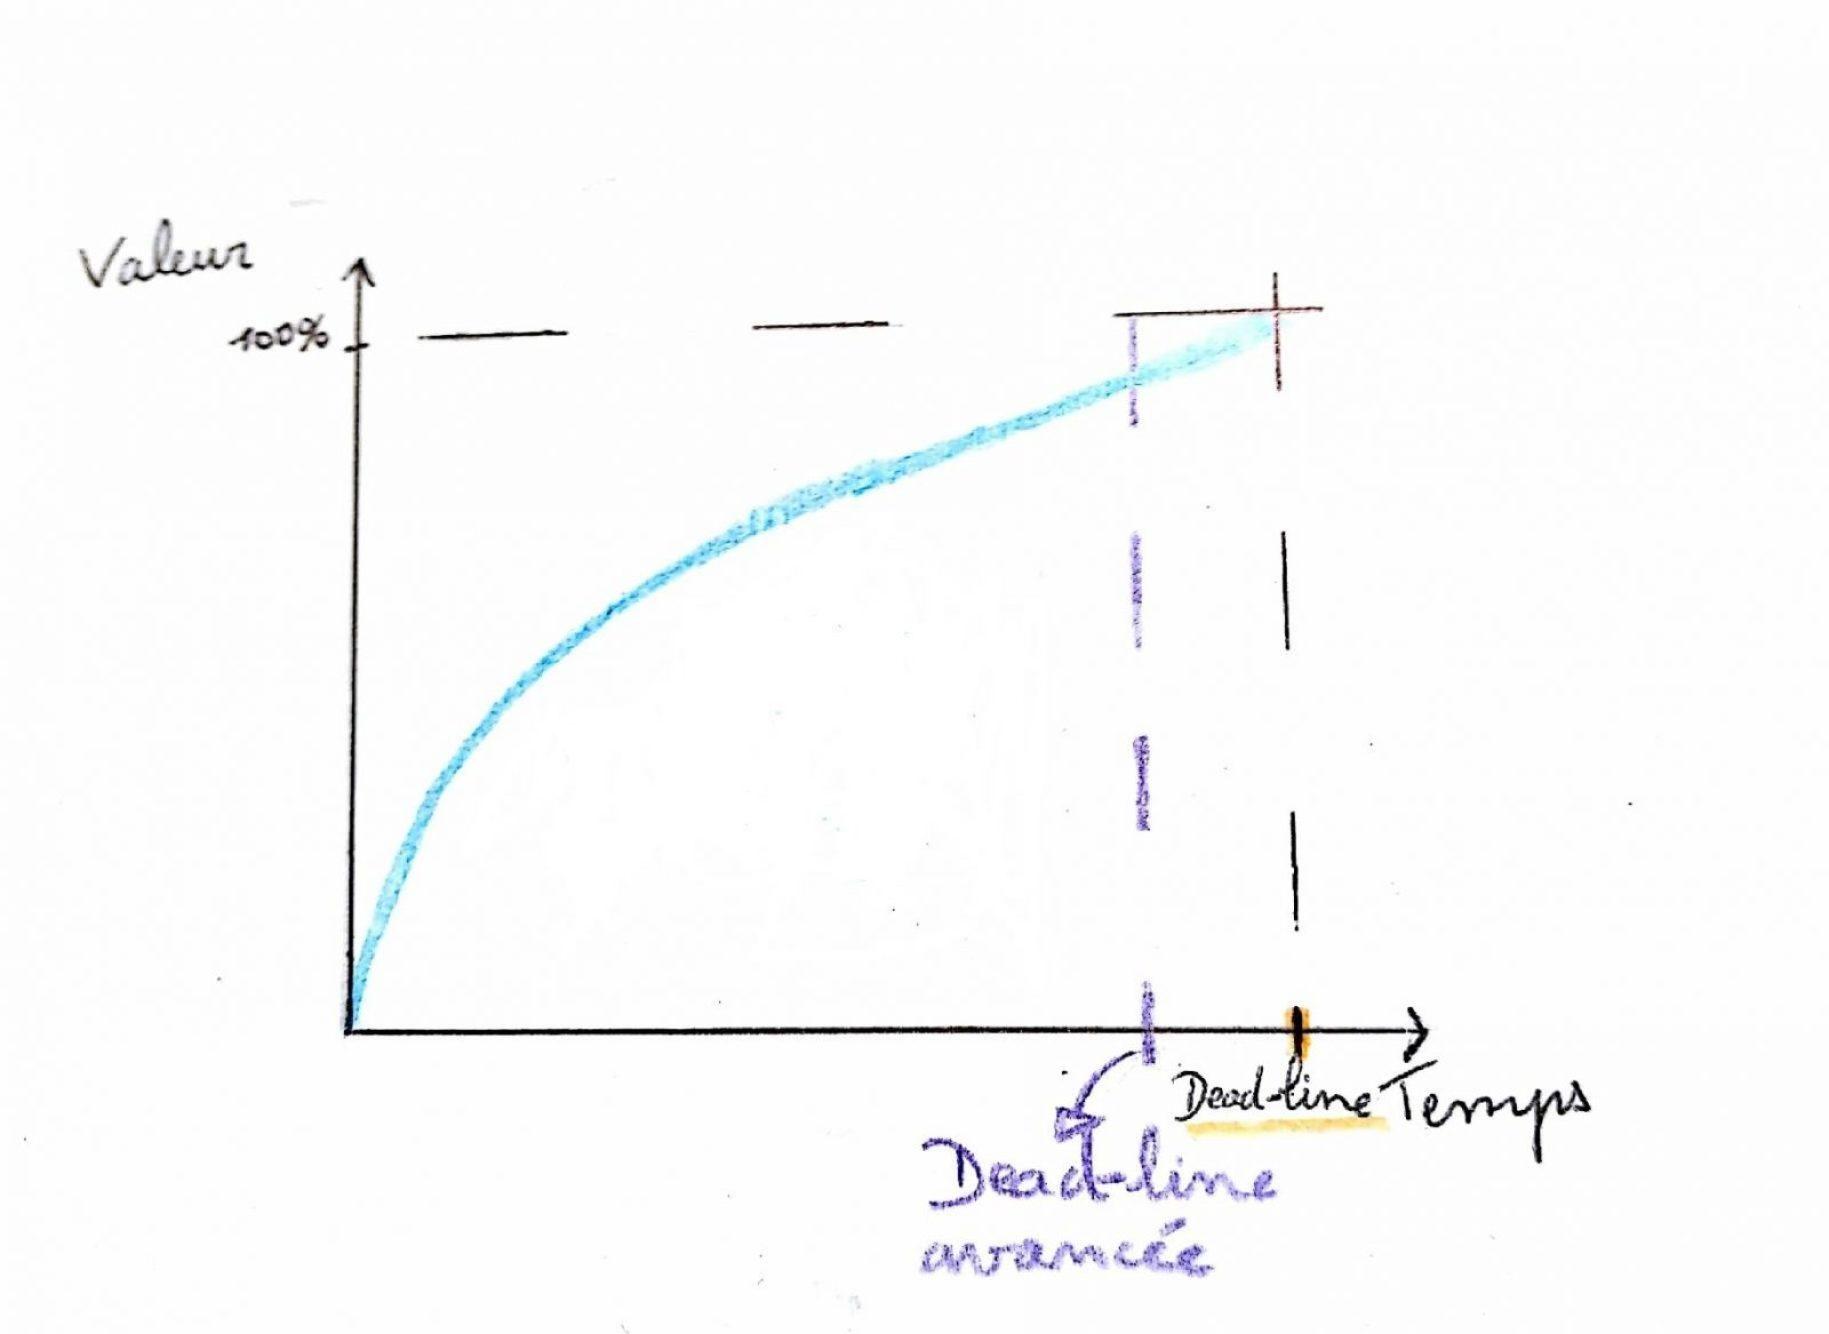 graphique-gestion-de-projet-programme-de-travail-2